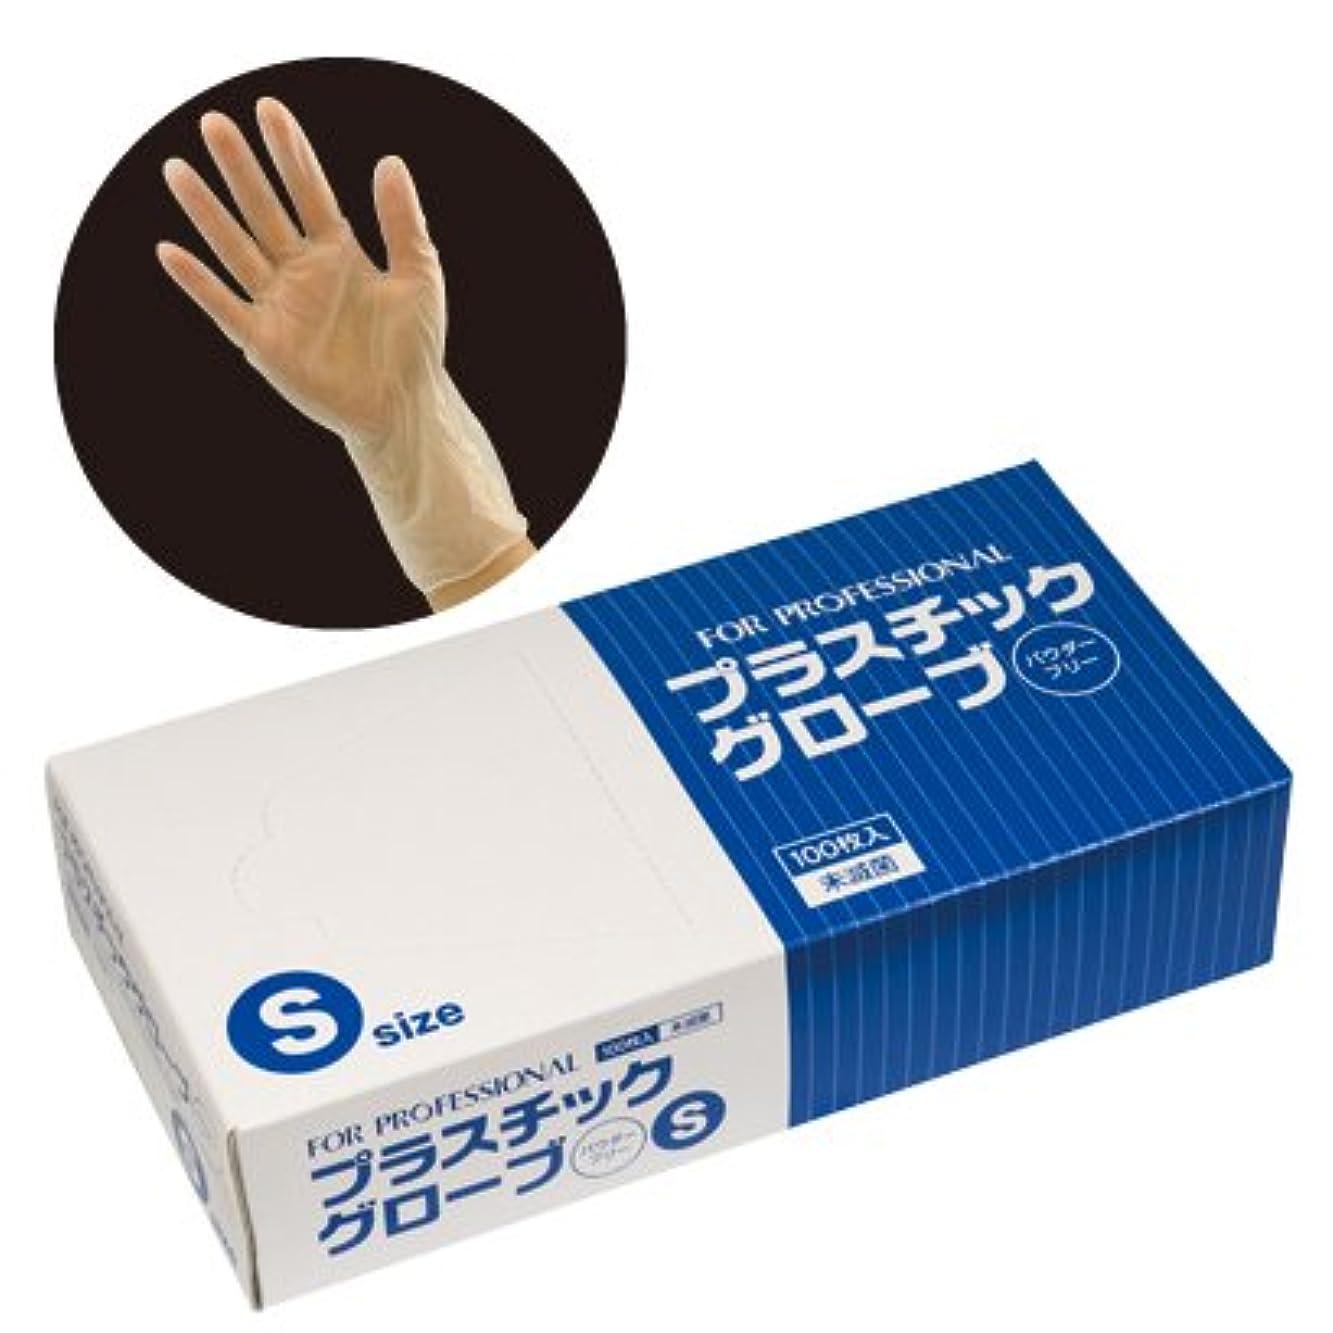 メールを書く遠い鉄道【業務用】 FEED(フィード) プラスチックグローブ(手袋) パウダーフリー/S カートン(100枚入×10ケース) (作業用) (378円/1個あたり)